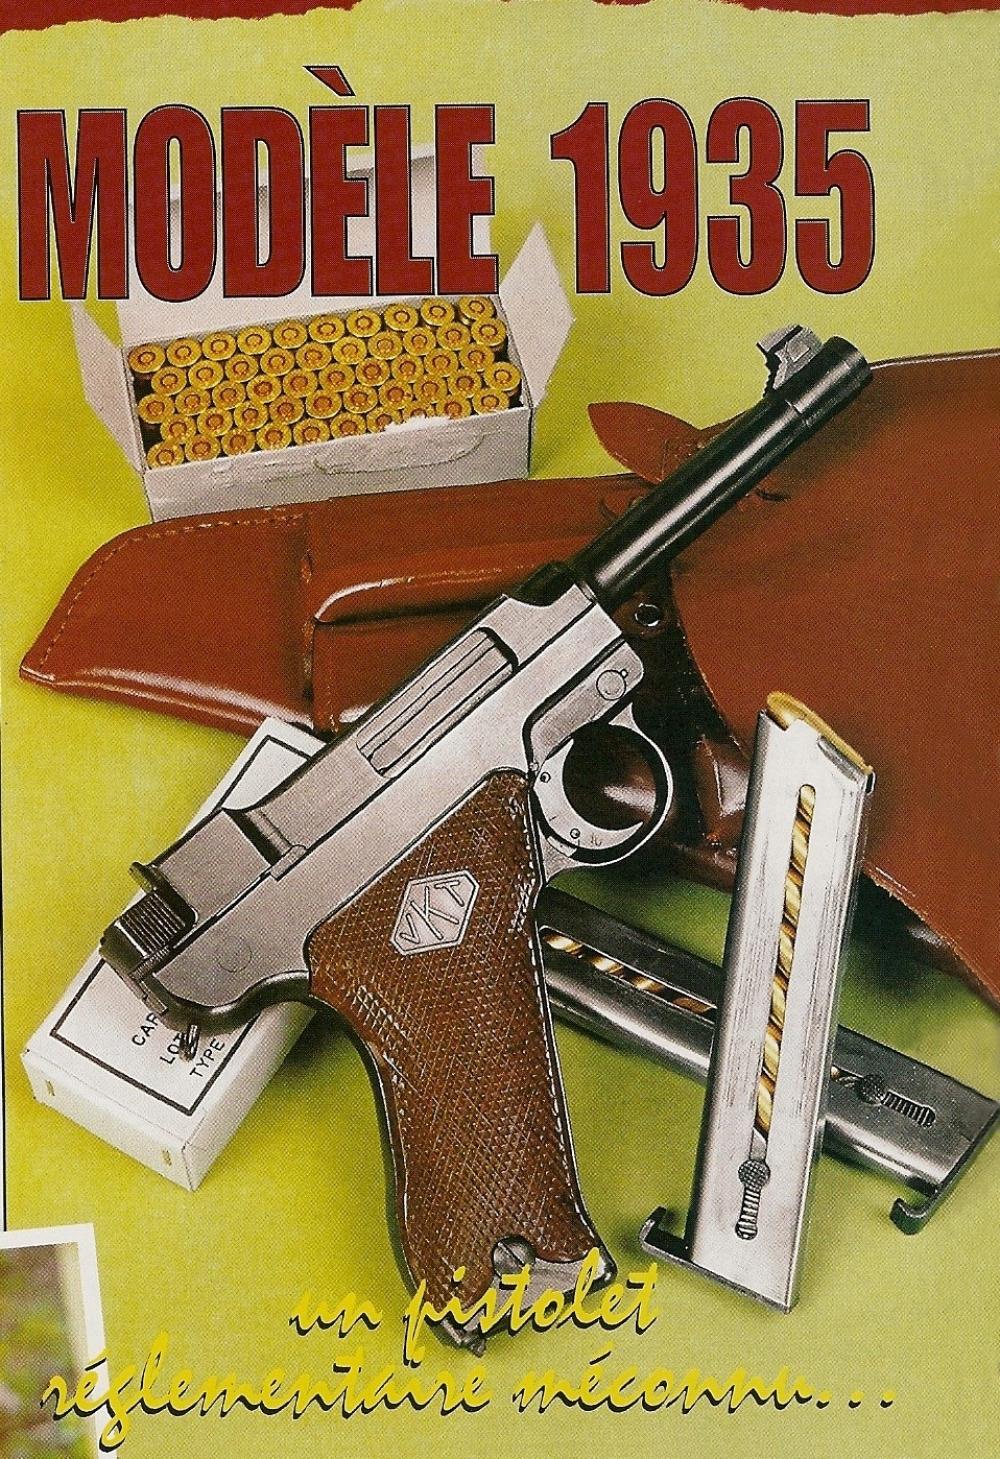 Le Lahti modèle 1935 est un pistolet de calibre 9 mm Parabellum qui fonctionne en mode semi-automatique au moyen d'une culasse calée, d'une platine à simple action, d'un chien hammerless et de chargeurs amovibles d'une capacité de huit coups.